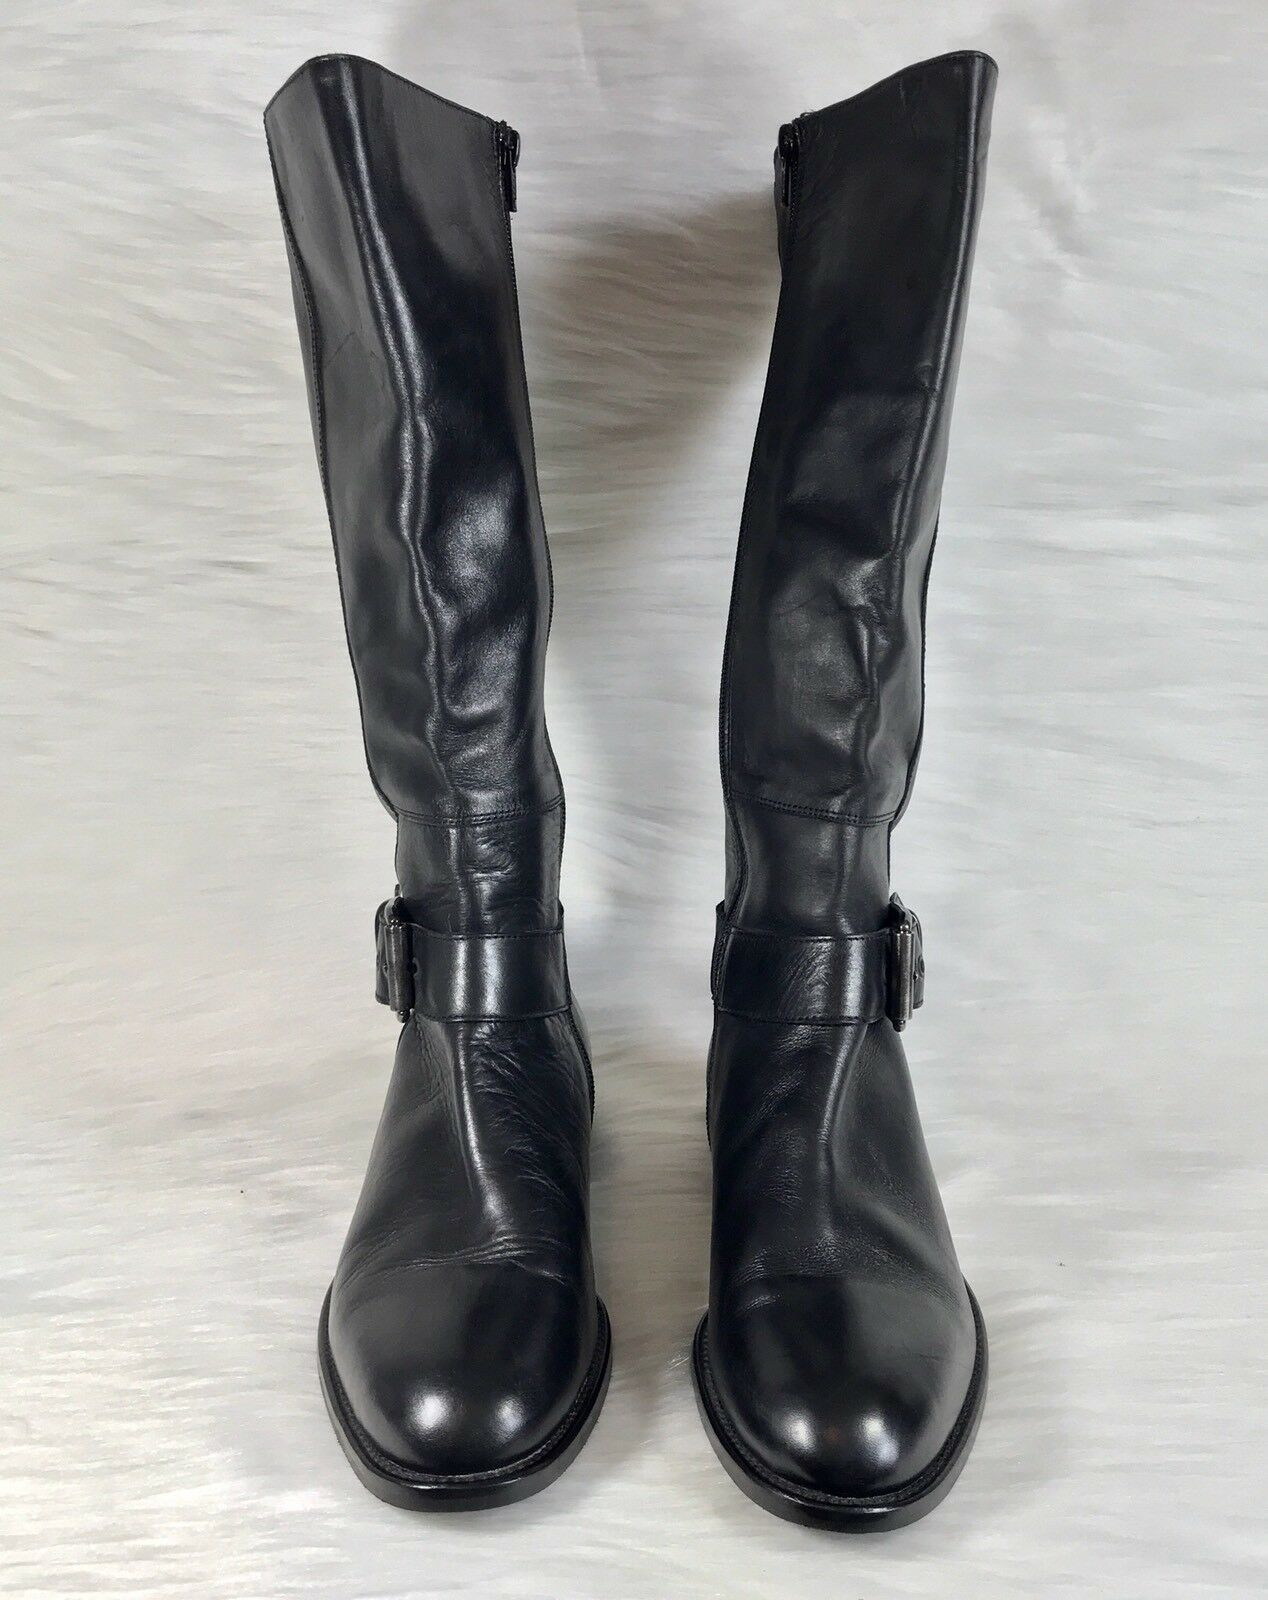 Disfruta de un 50% de descuento. Colin Stuart Collection Collection Collection Alto Equitación Ecuestre botas Negro Cuero Italia  sin mínimo